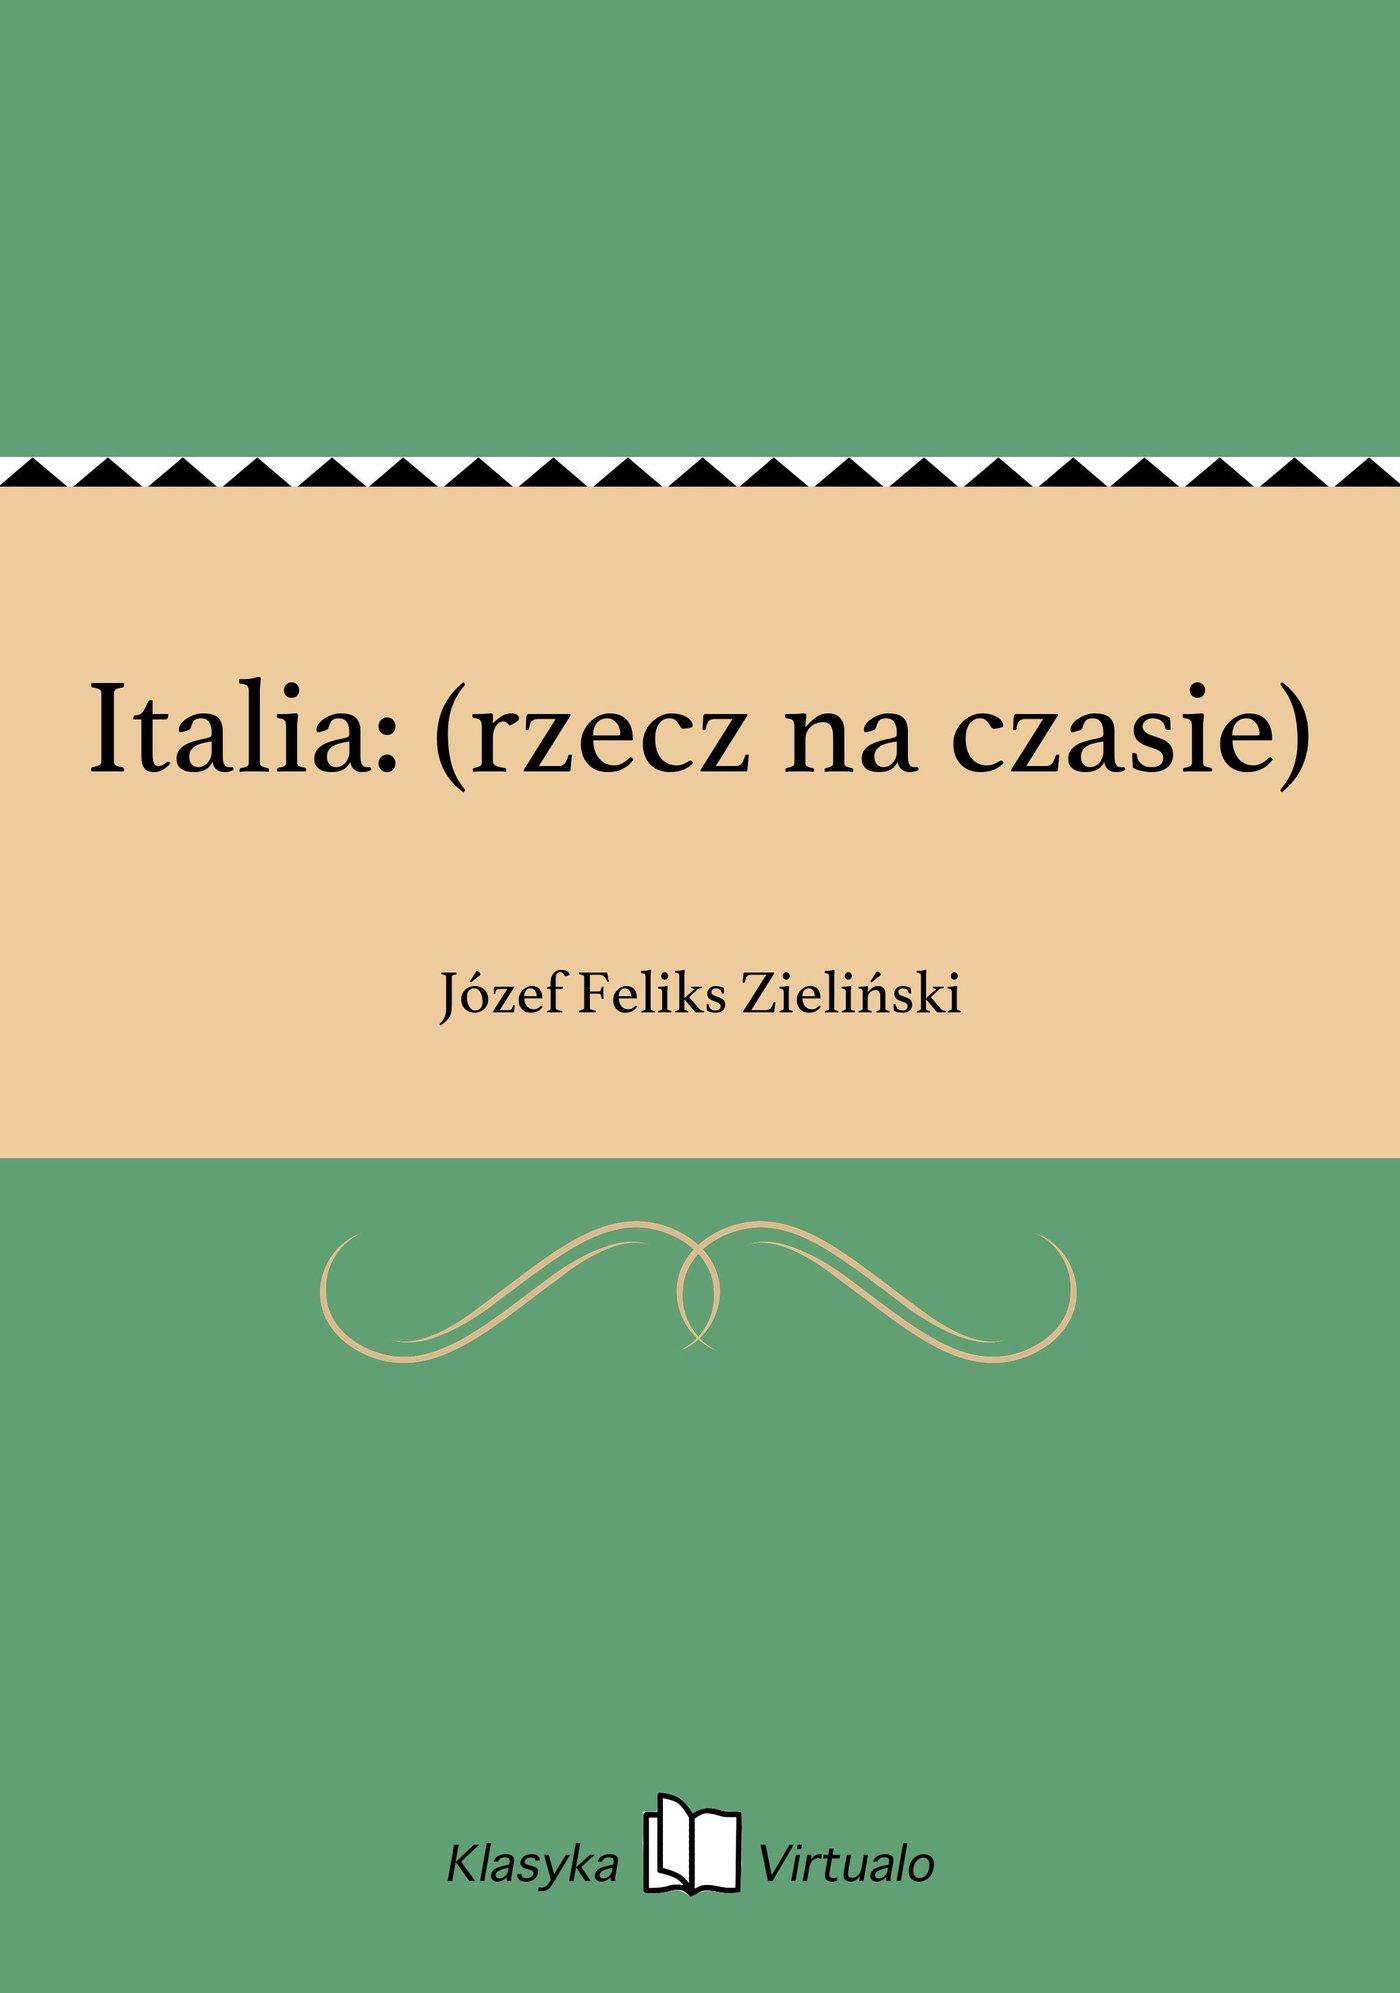 Italia: (rzecz na czasie) - Ebook (Książka EPUB) do pobrania w formacie EPUB